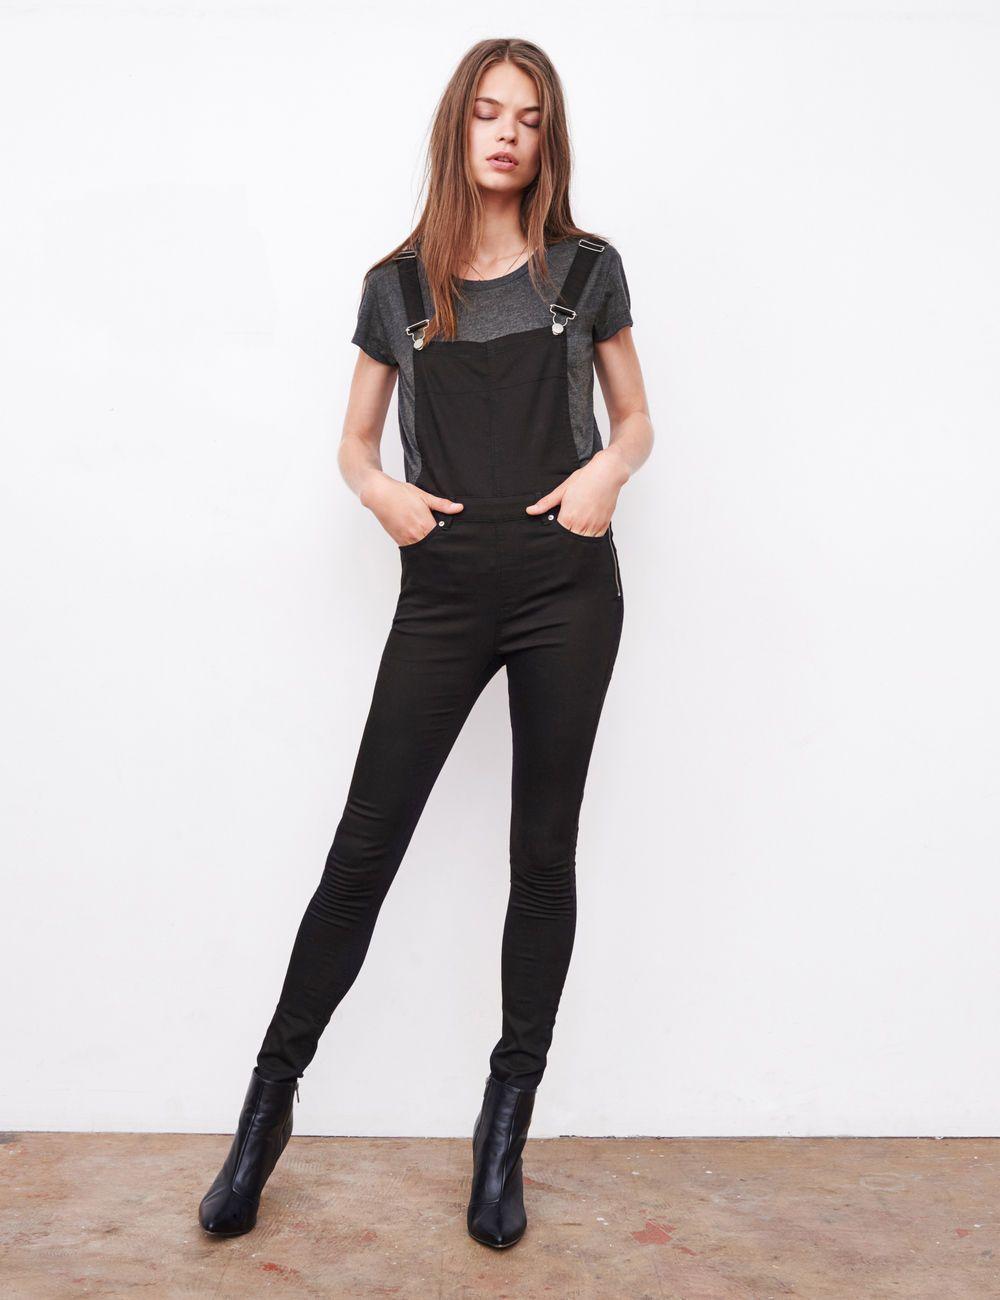 Salopette taille haute kaki femme. Pantalon Femme   Destroy, Push-Up,  Fluide… 48f8b4b23b8a